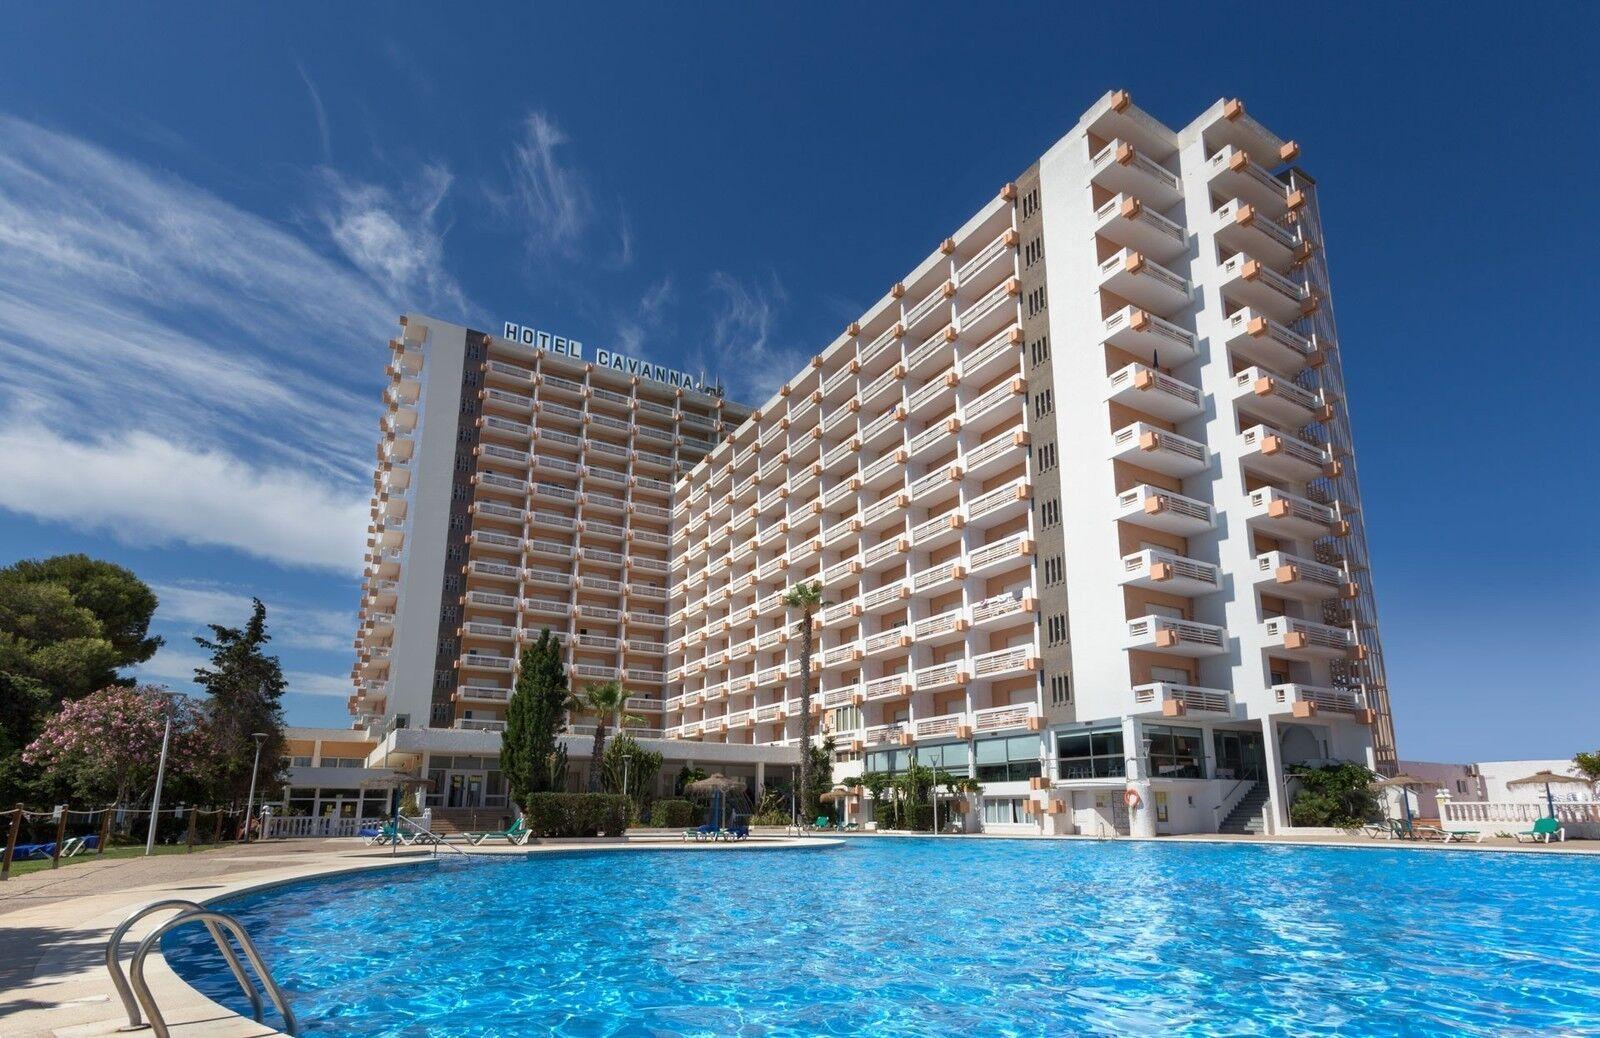 7 Tg.2 PERS. Spagna Vacanza Wellness Viaggio 5  Hotel valore  600,